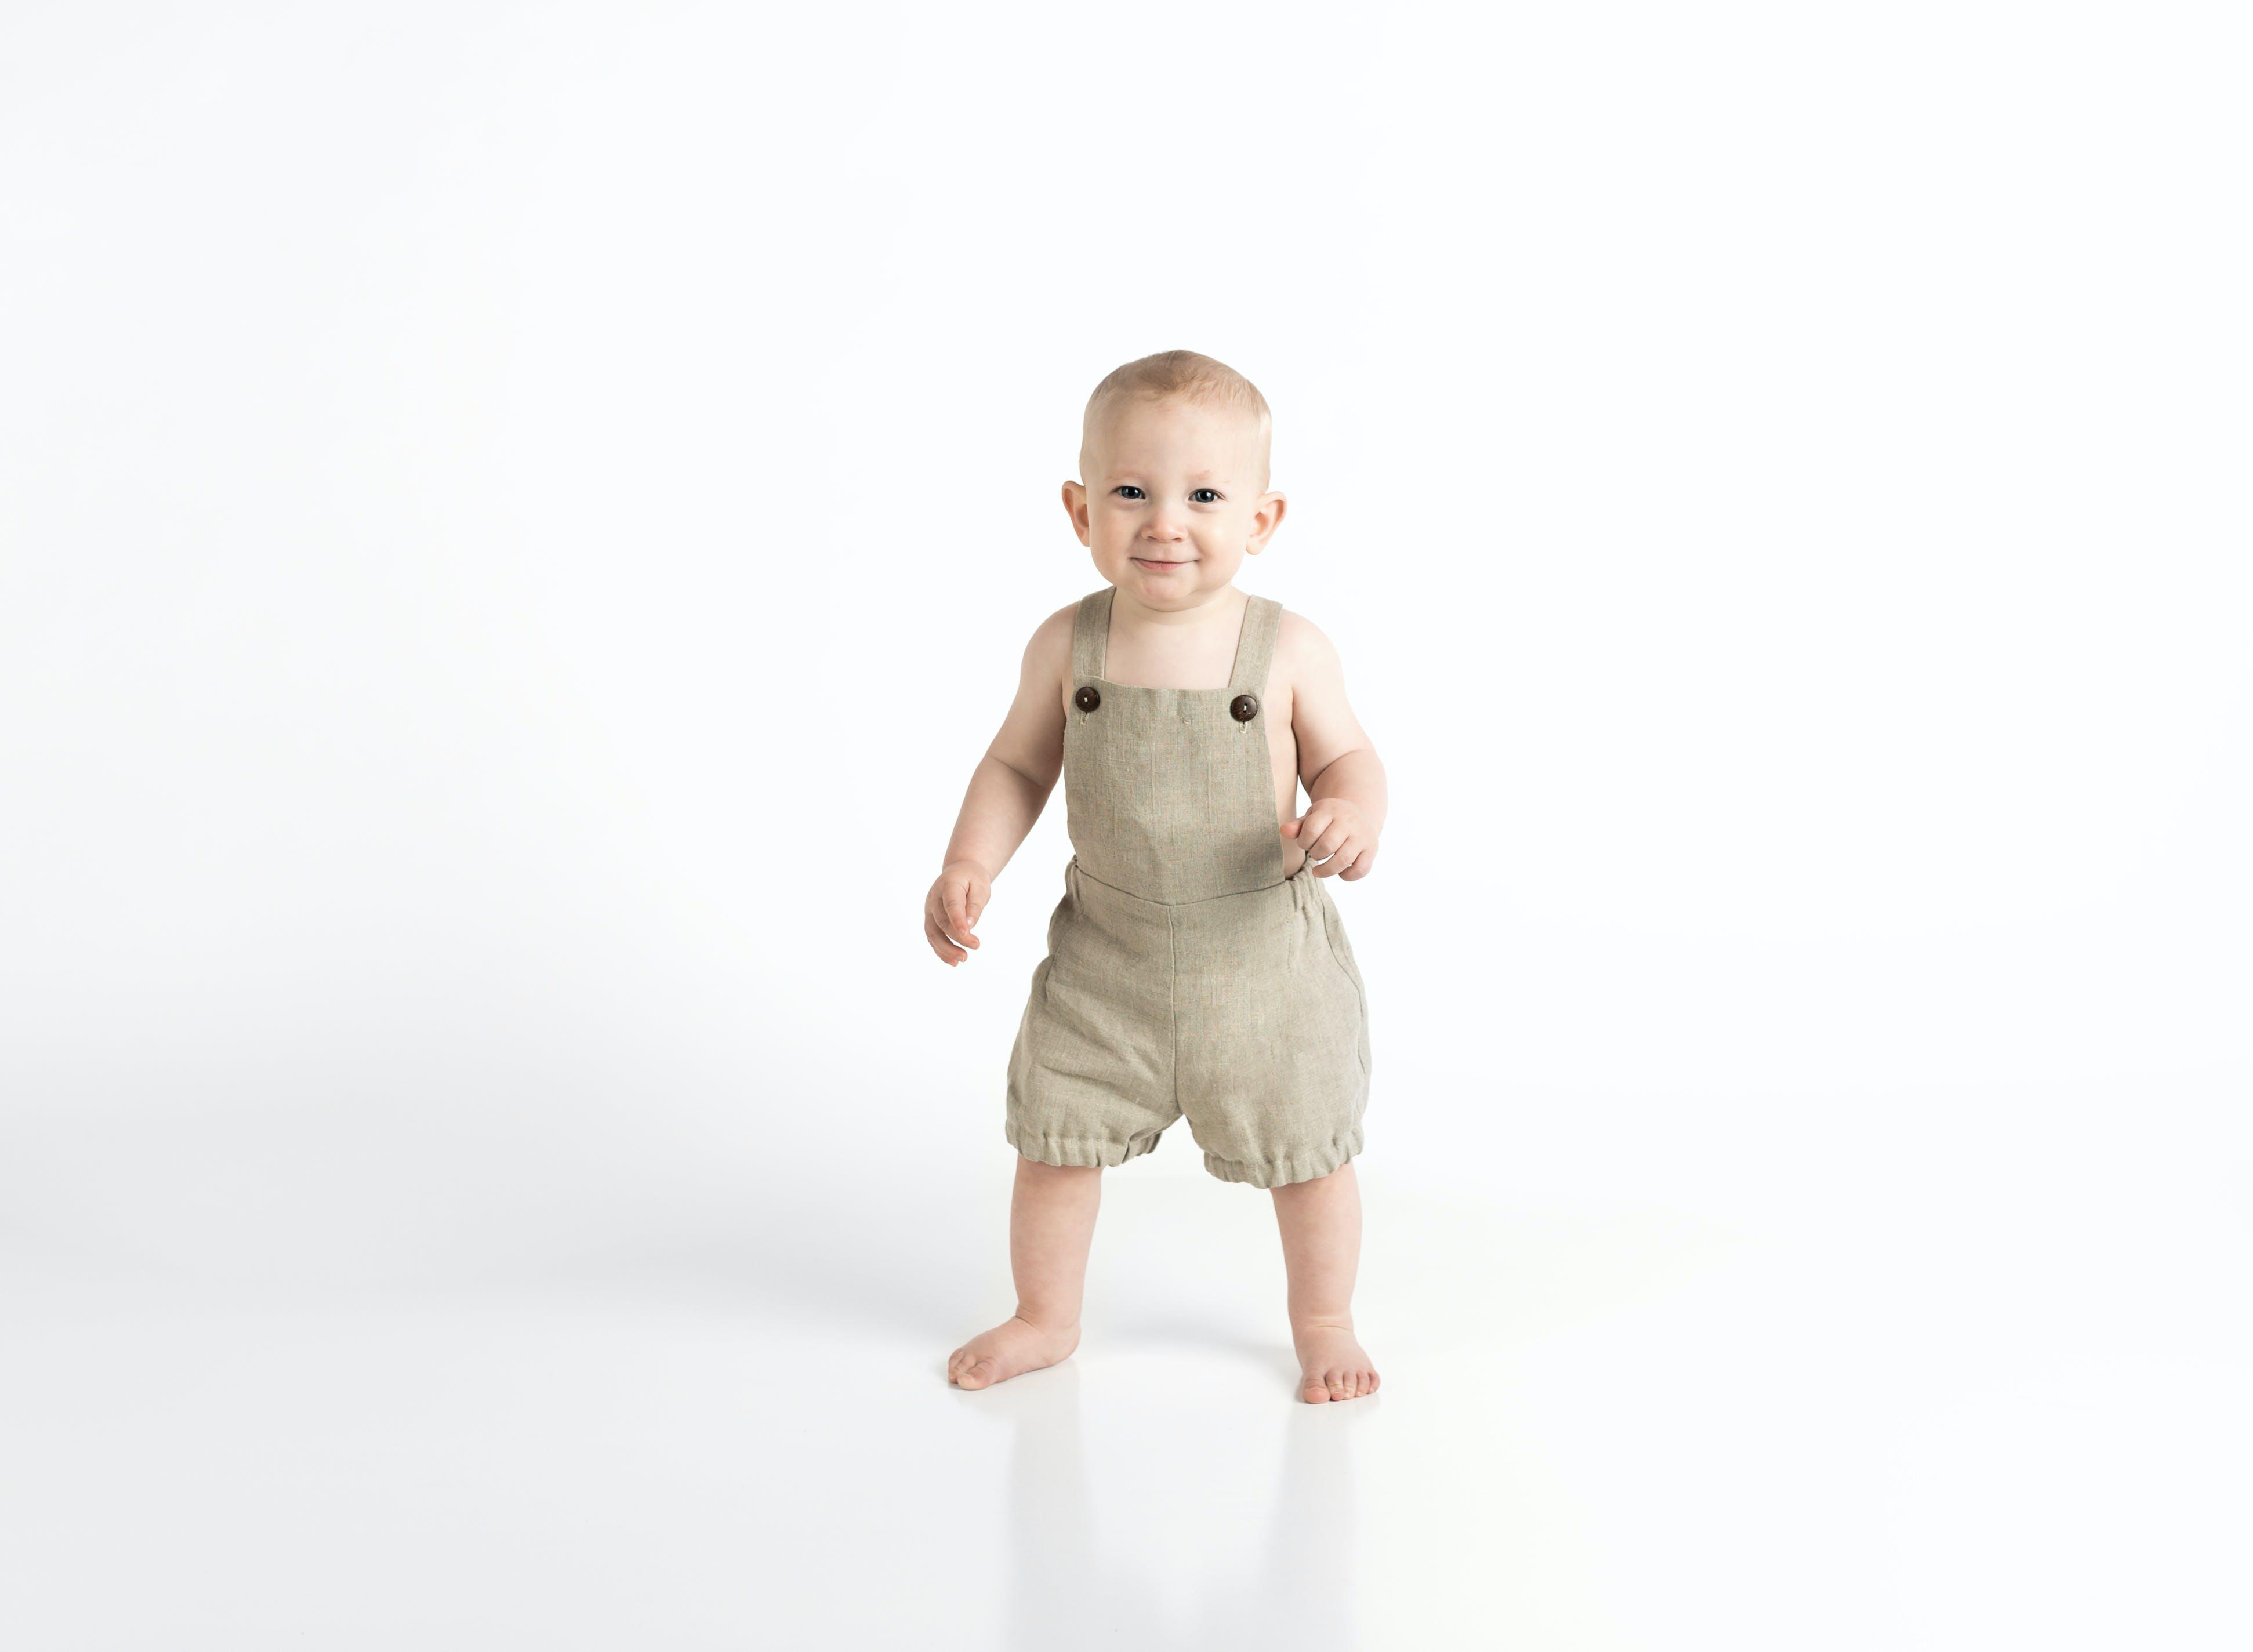 Ilmainen kuvapankkikuva tunnisteilla henkilö, ilo, lapsi, pikkulapsi